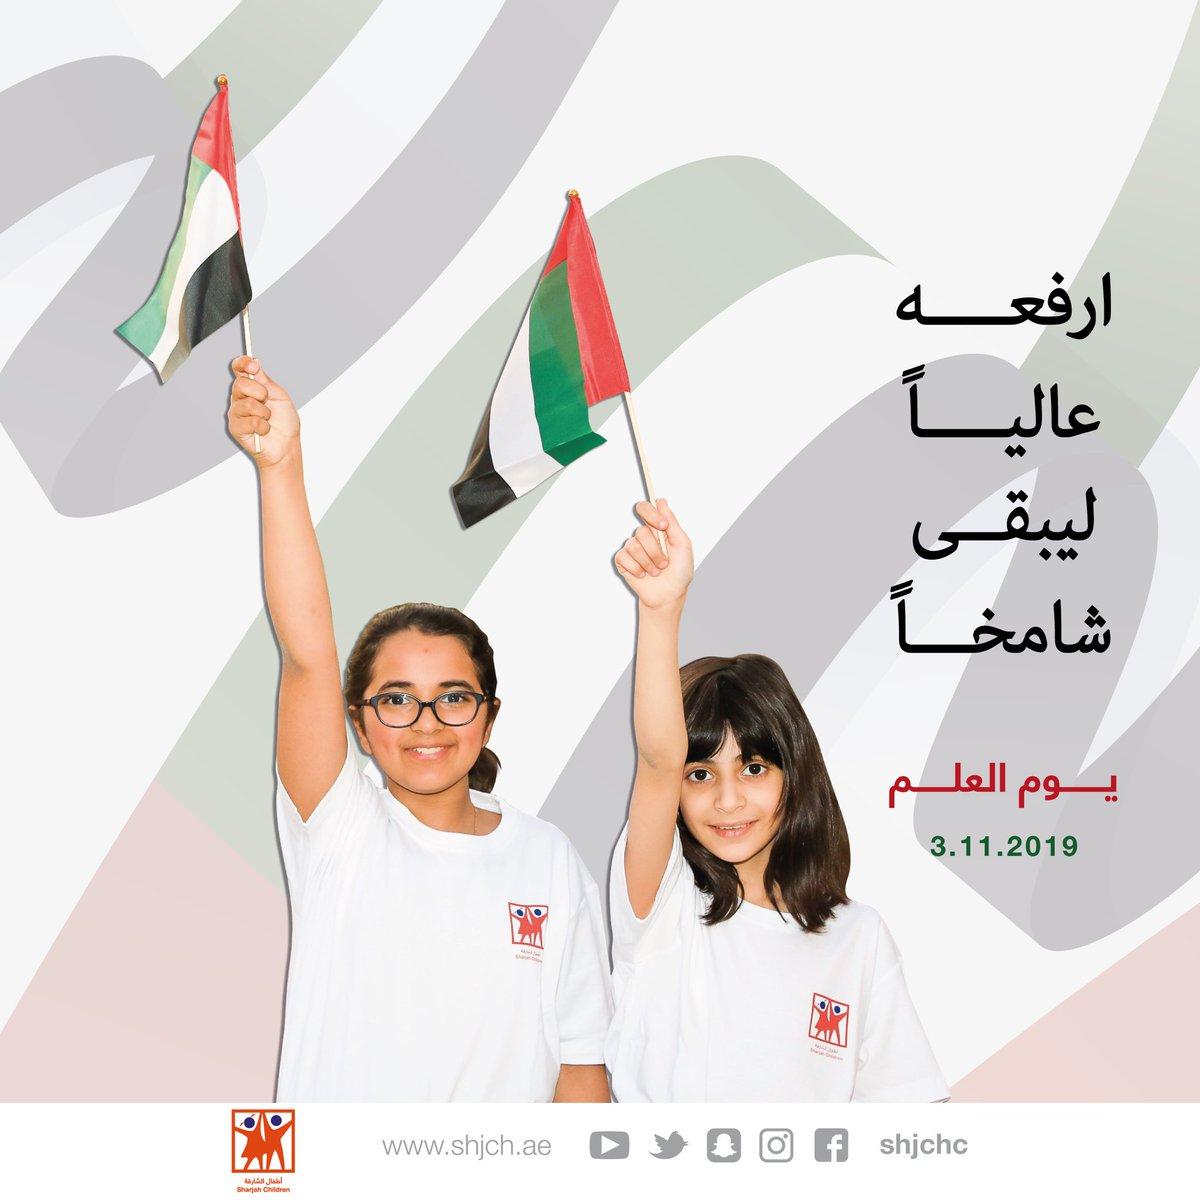 #يوم_العلم_الإماراتي  #إرفعه_عالياً_ليبقى_شامخاً #يوم_العلم  #UAEFlagDay #FlagDay #3Nov @RQSharjah  #rqsharjah  #rubuqarn  #ربع_قرن  #ربع_قرن_الشارقة #الشارقة #الإمارات #sharjah #uae  🇦🇪 https://t.co/jeNFfrL8o5